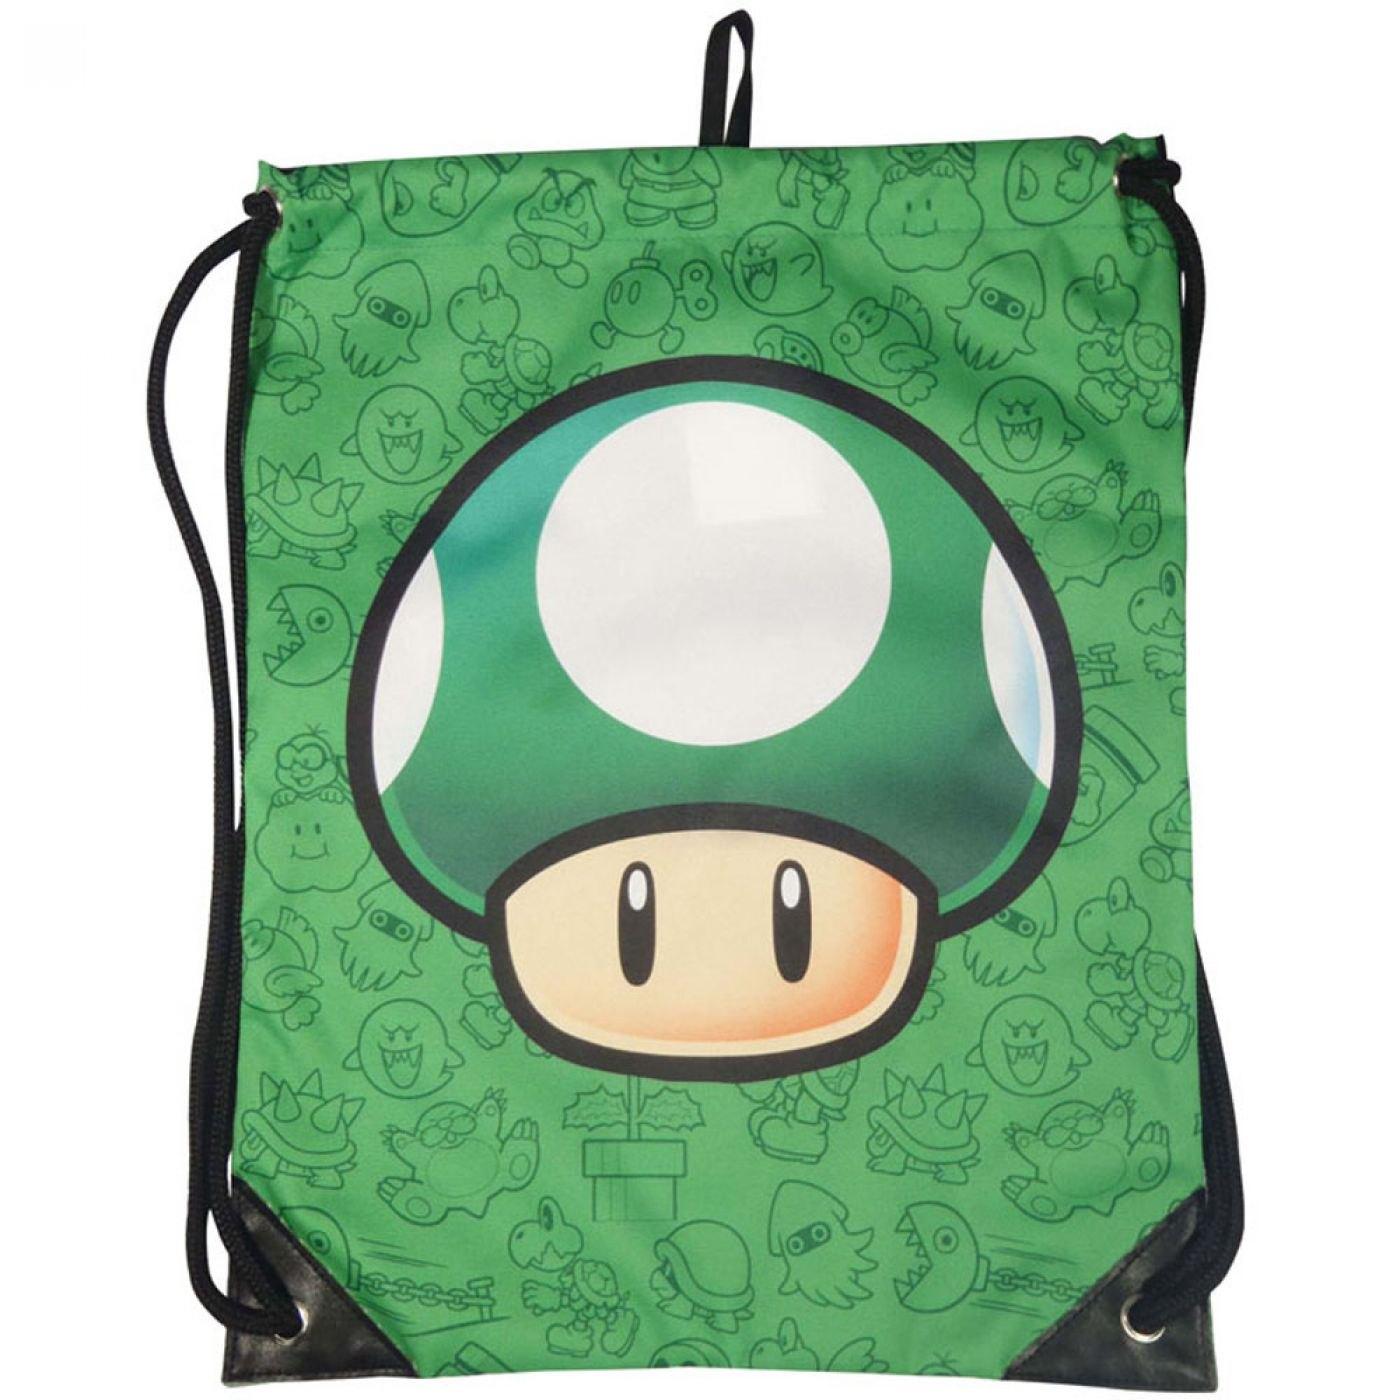 Nintendo Super Mario Bros gym bag - 1UP Mushroom bag